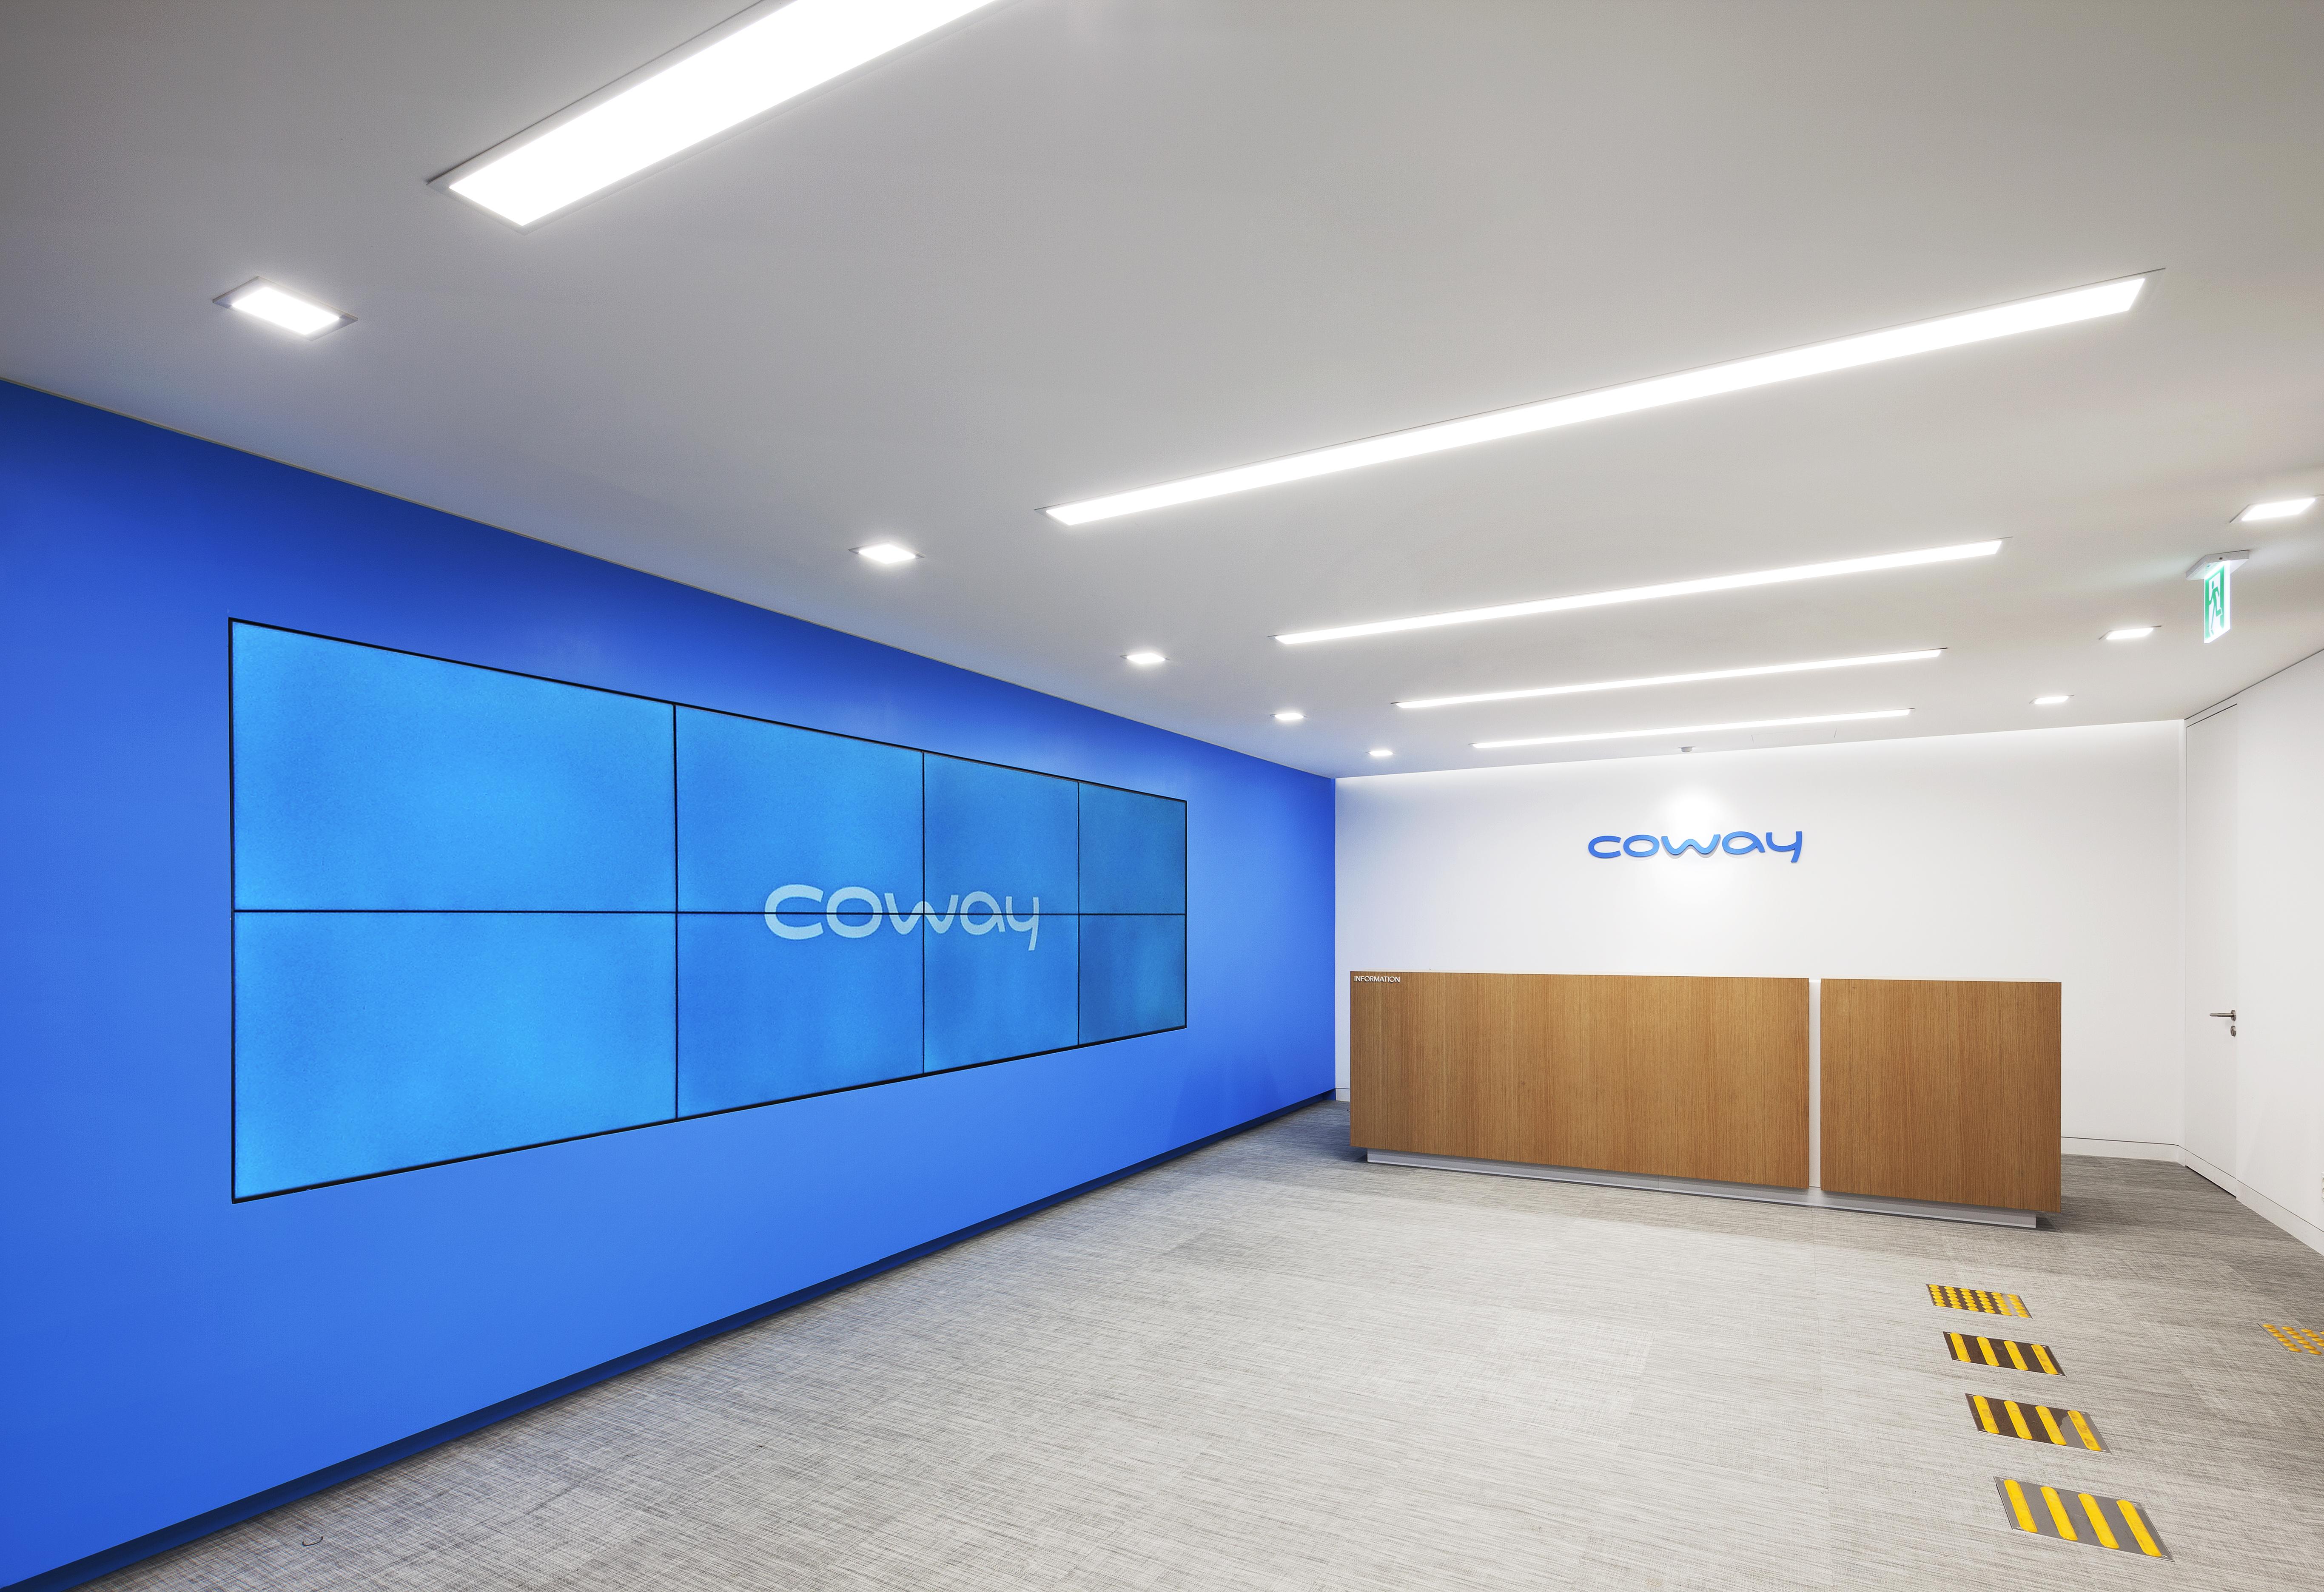 Coway _ Reception